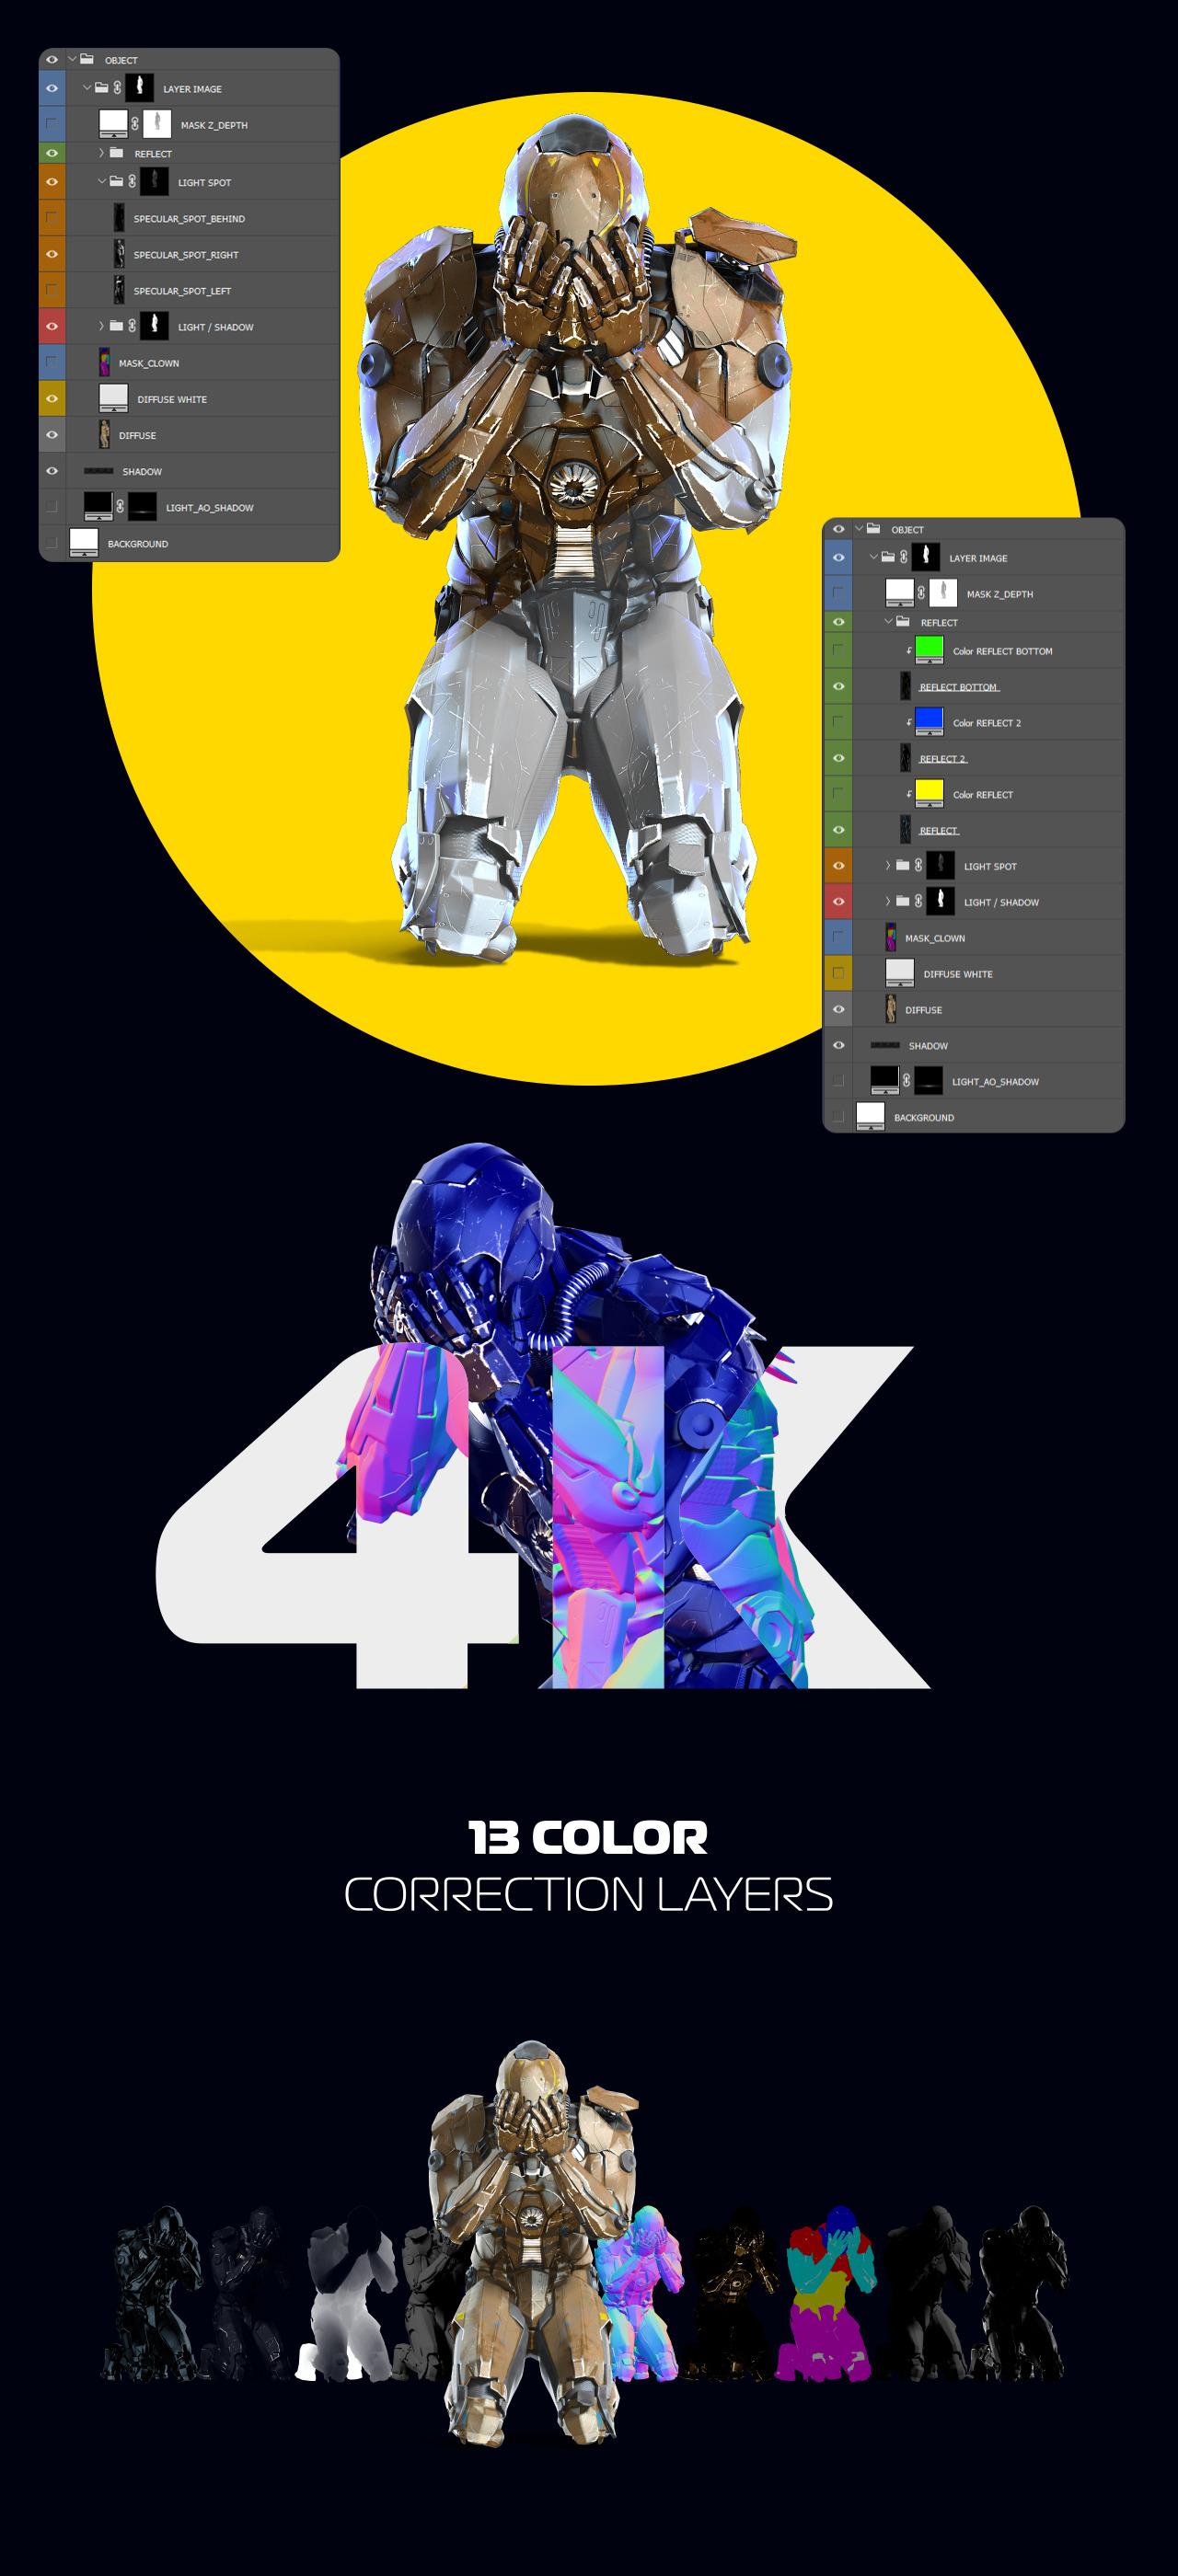 3D Mockup Security Robots #26